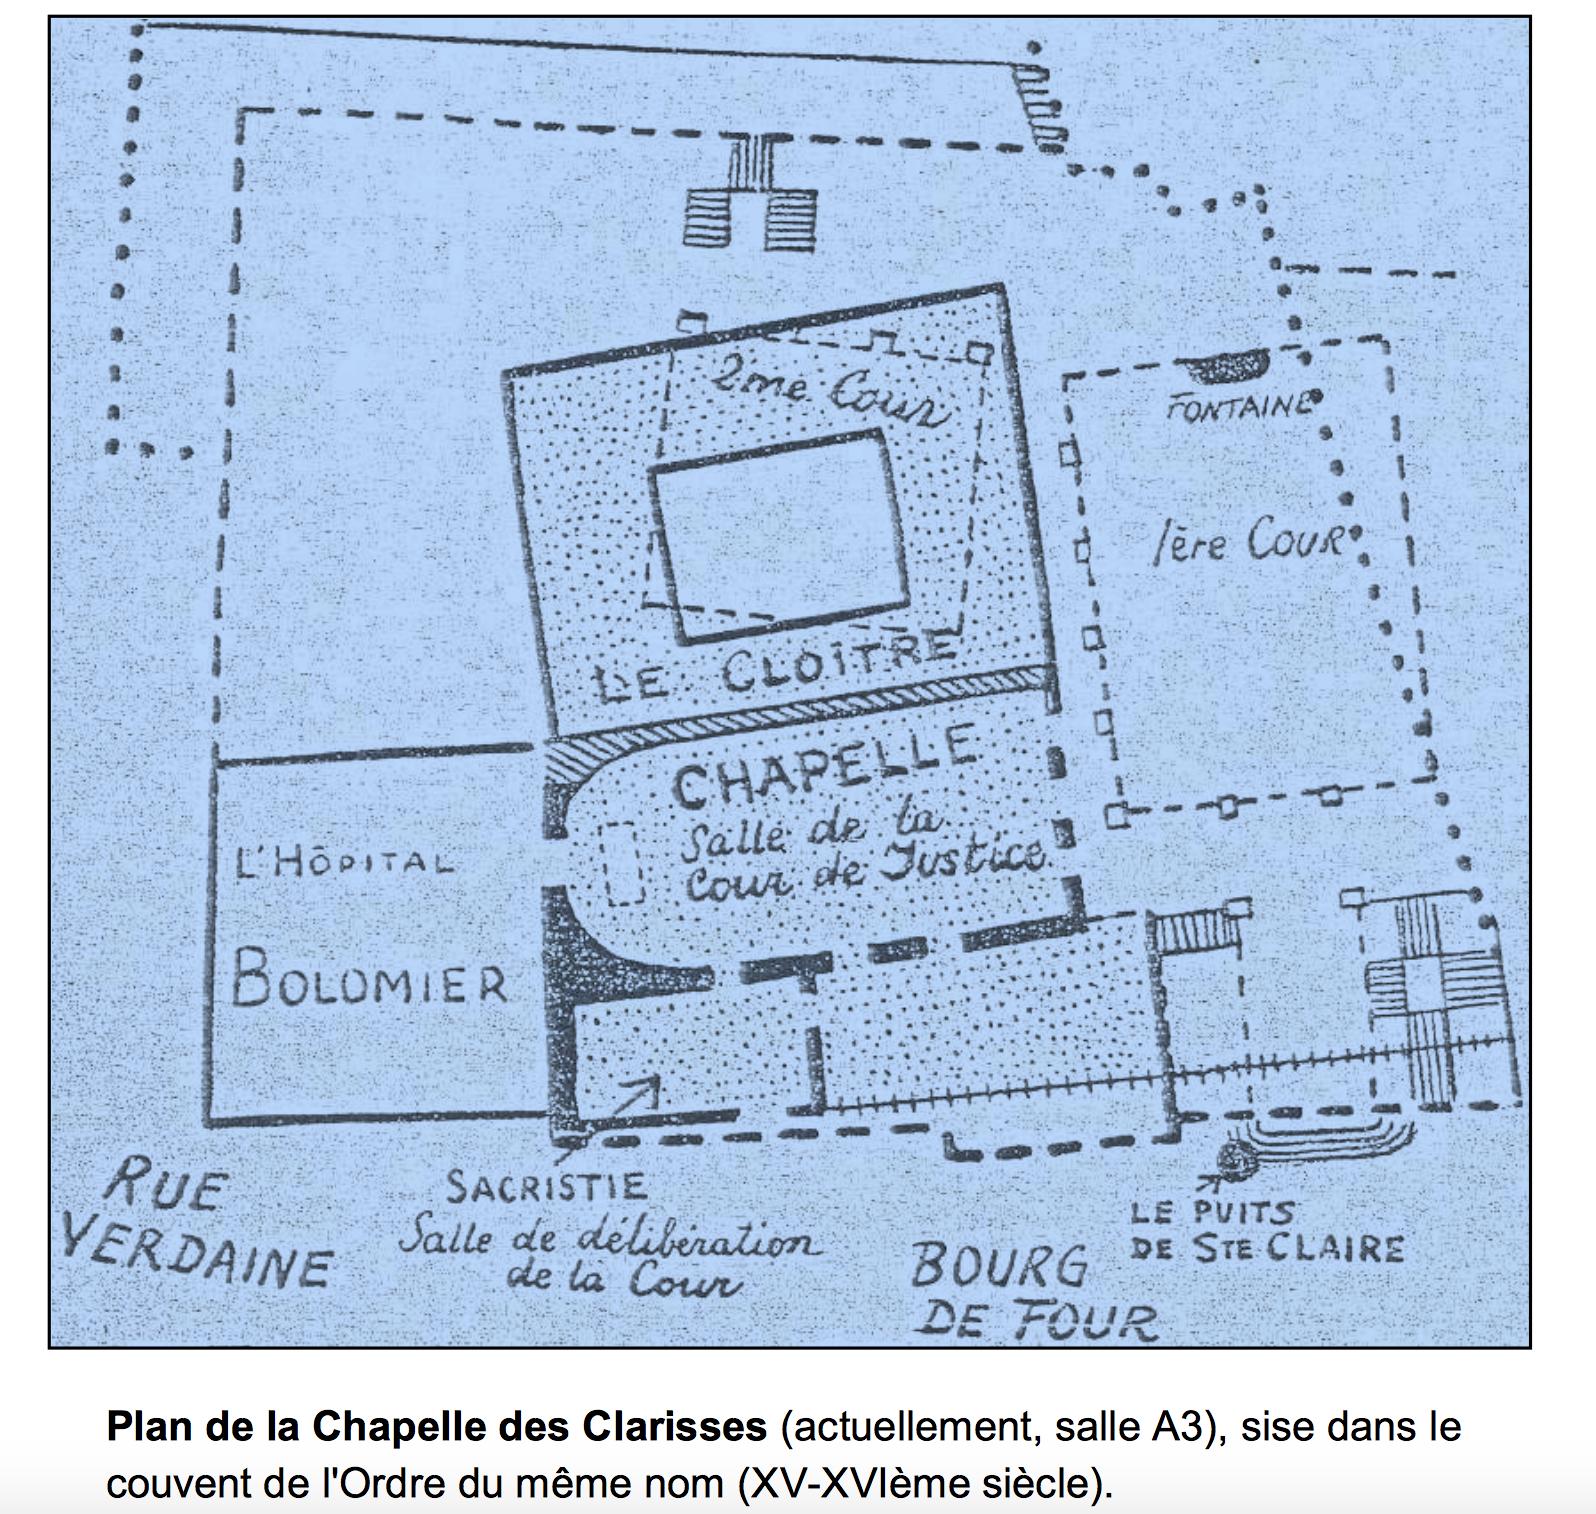 Plan de la Chapelle des Clarisses